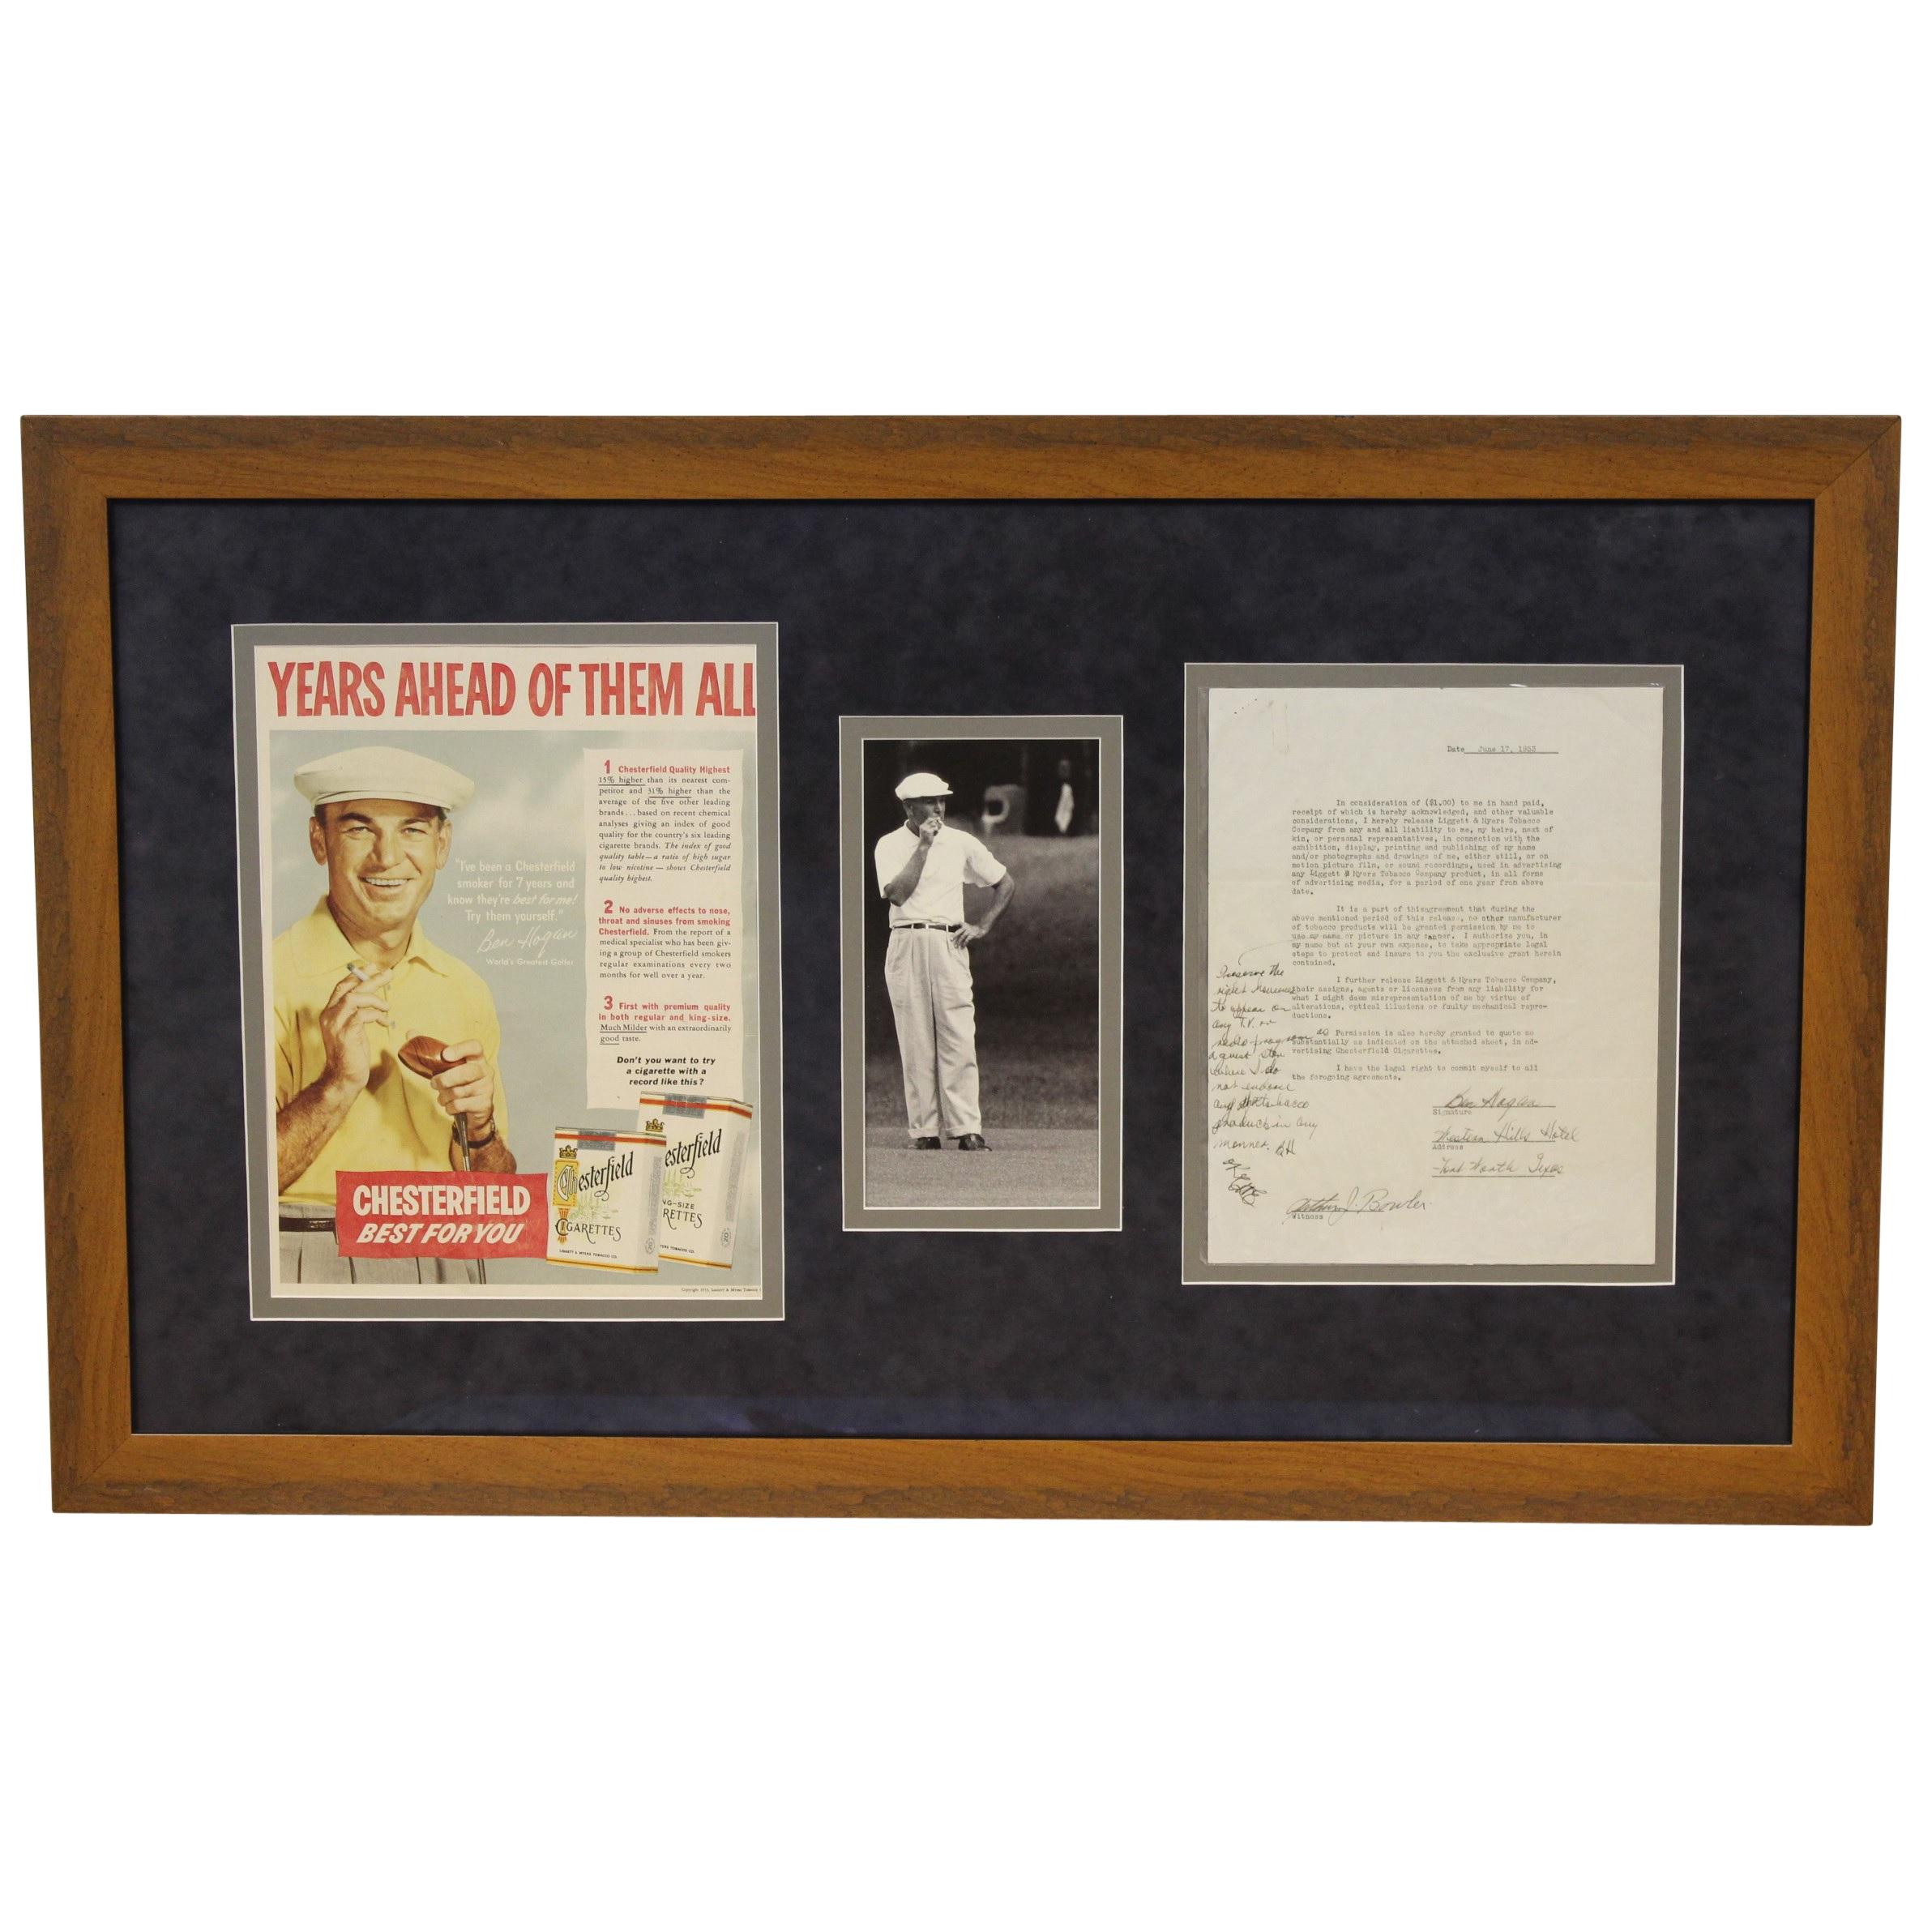 a97b1a8c454 Ben Hogan Signed June 17, 1953 Chesterfield Cigarette Original Contract  W/Handwritten Amendment ...